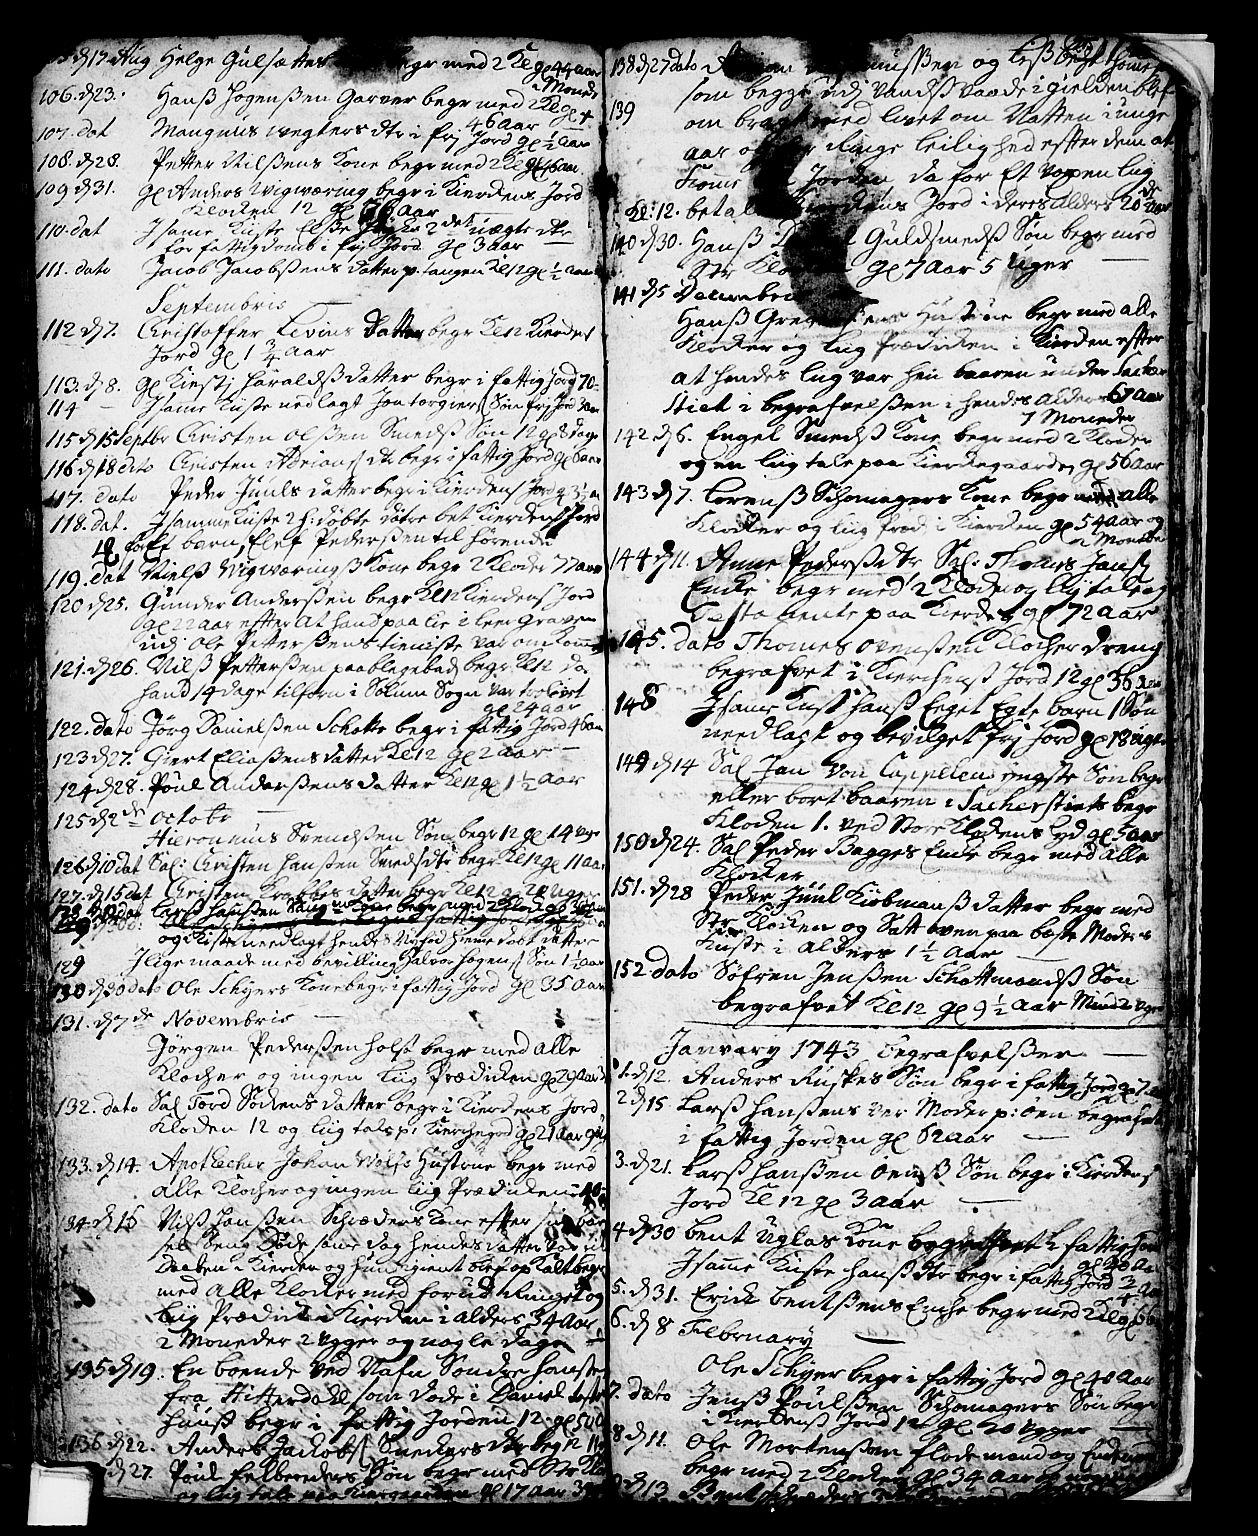 SAKO, Skien kirkebøker, F/Fa/L0002: Ministerialbok nr. 2, 1716-1757, s. 215